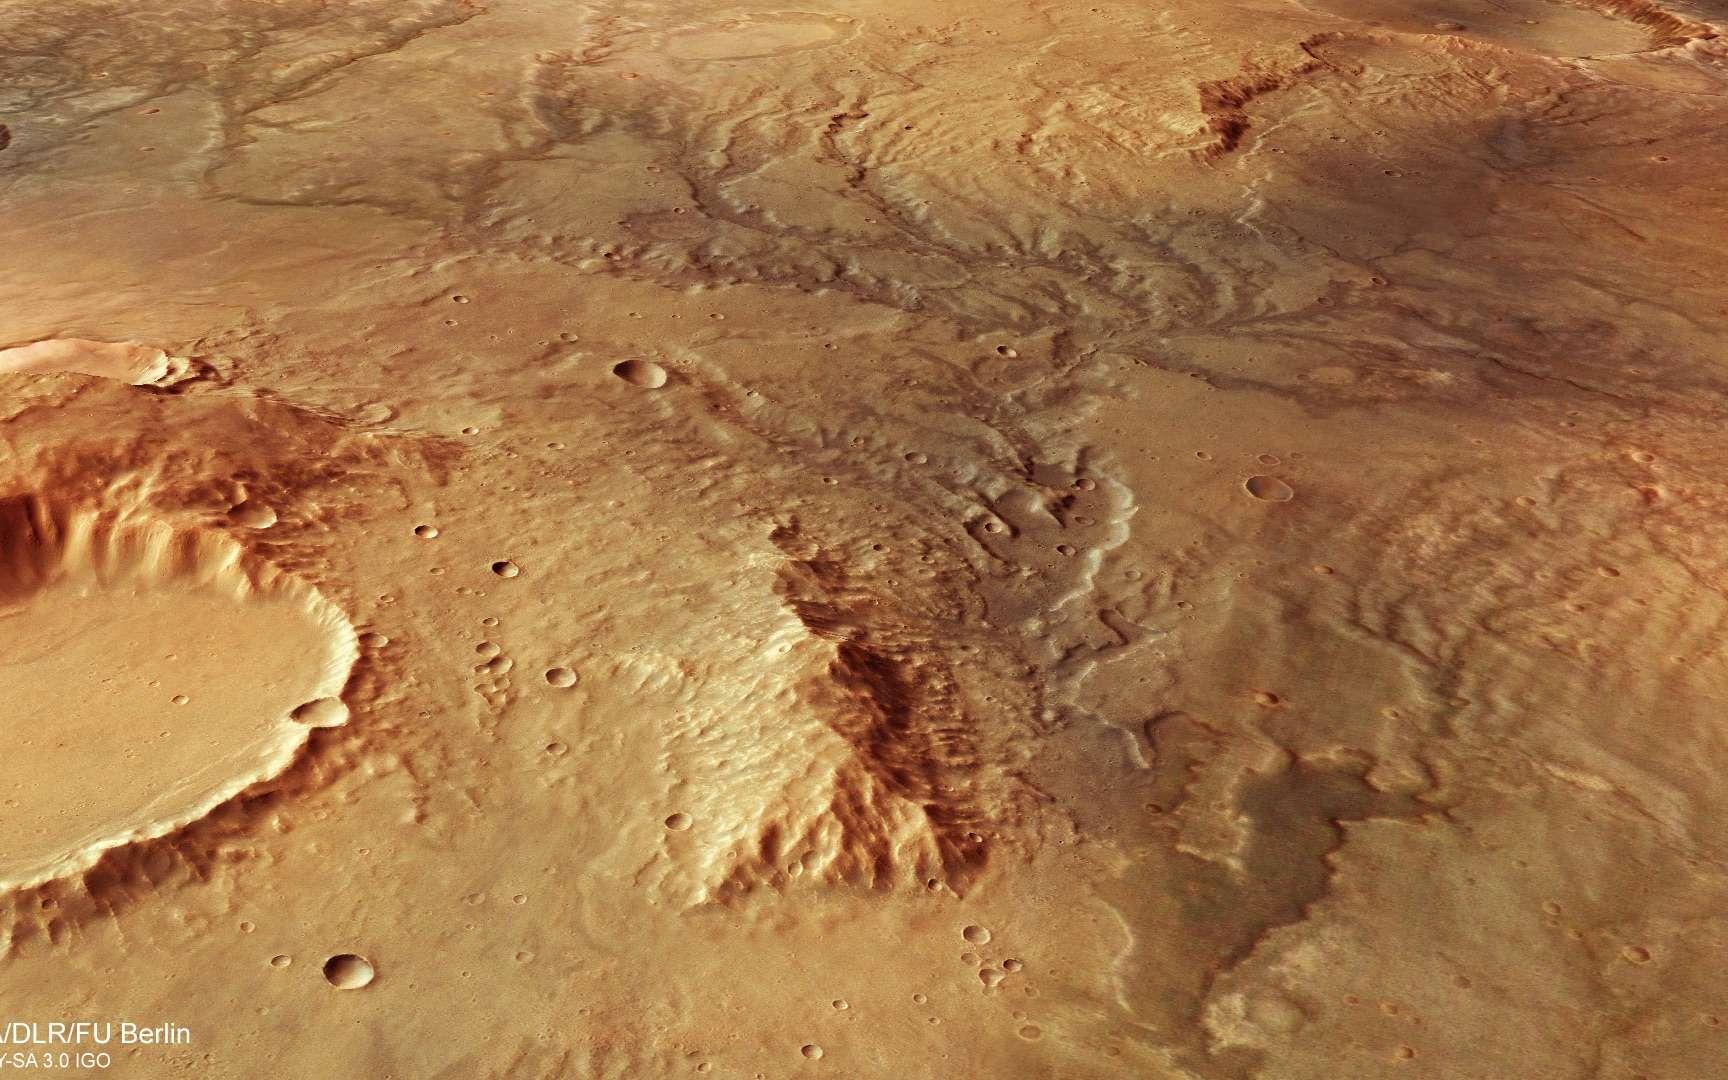 Vue en perspective des traces d'anciennes vallées fluviales repérées par le satellite Mars Express de l'ESA en novembre 2018 dans l'hémisphère sud de la Planète rouge. © ESA, DLR, FU Berlin, CC by-sa 3.0 IGO